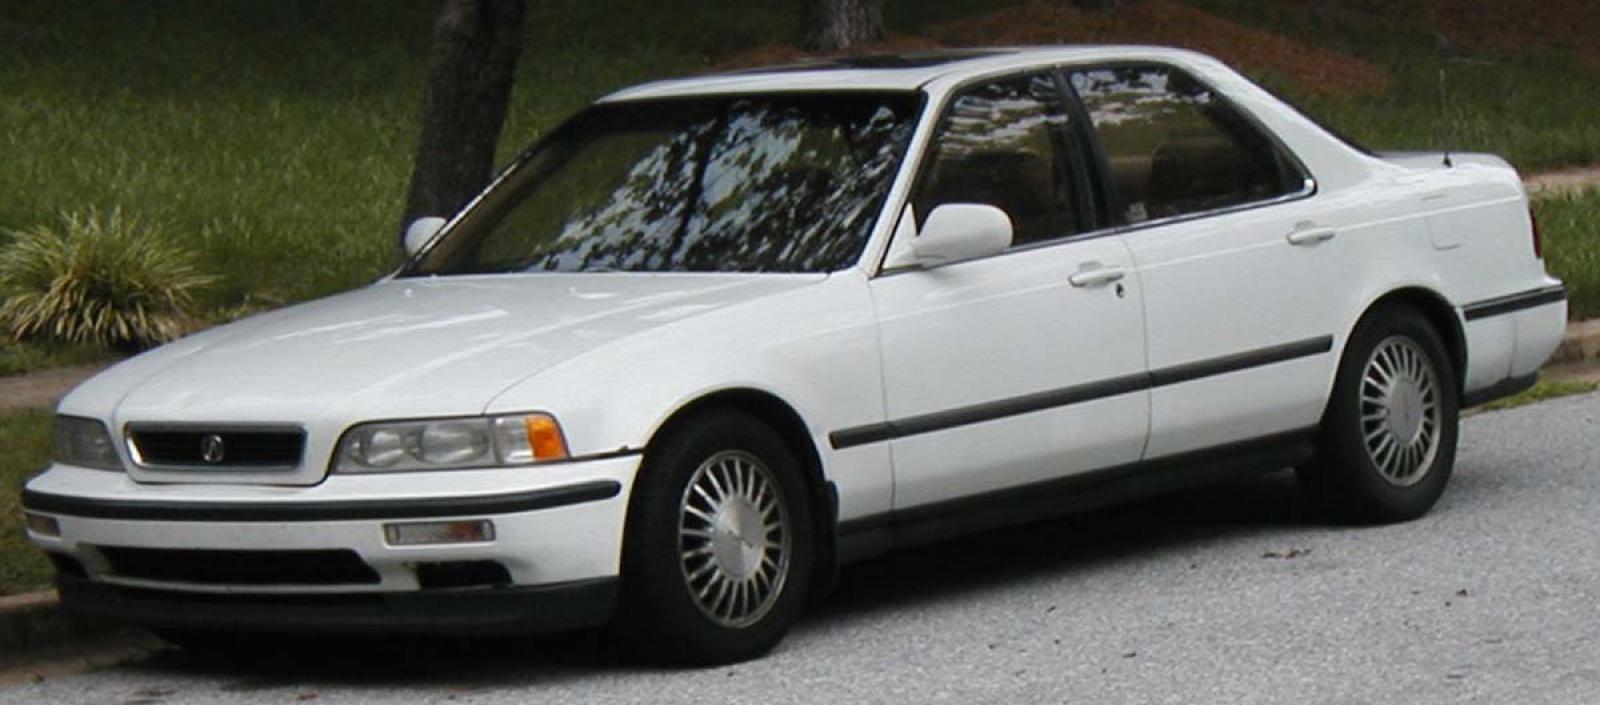 800 1024 1280 1600 origin 1994 Acura Legend ...